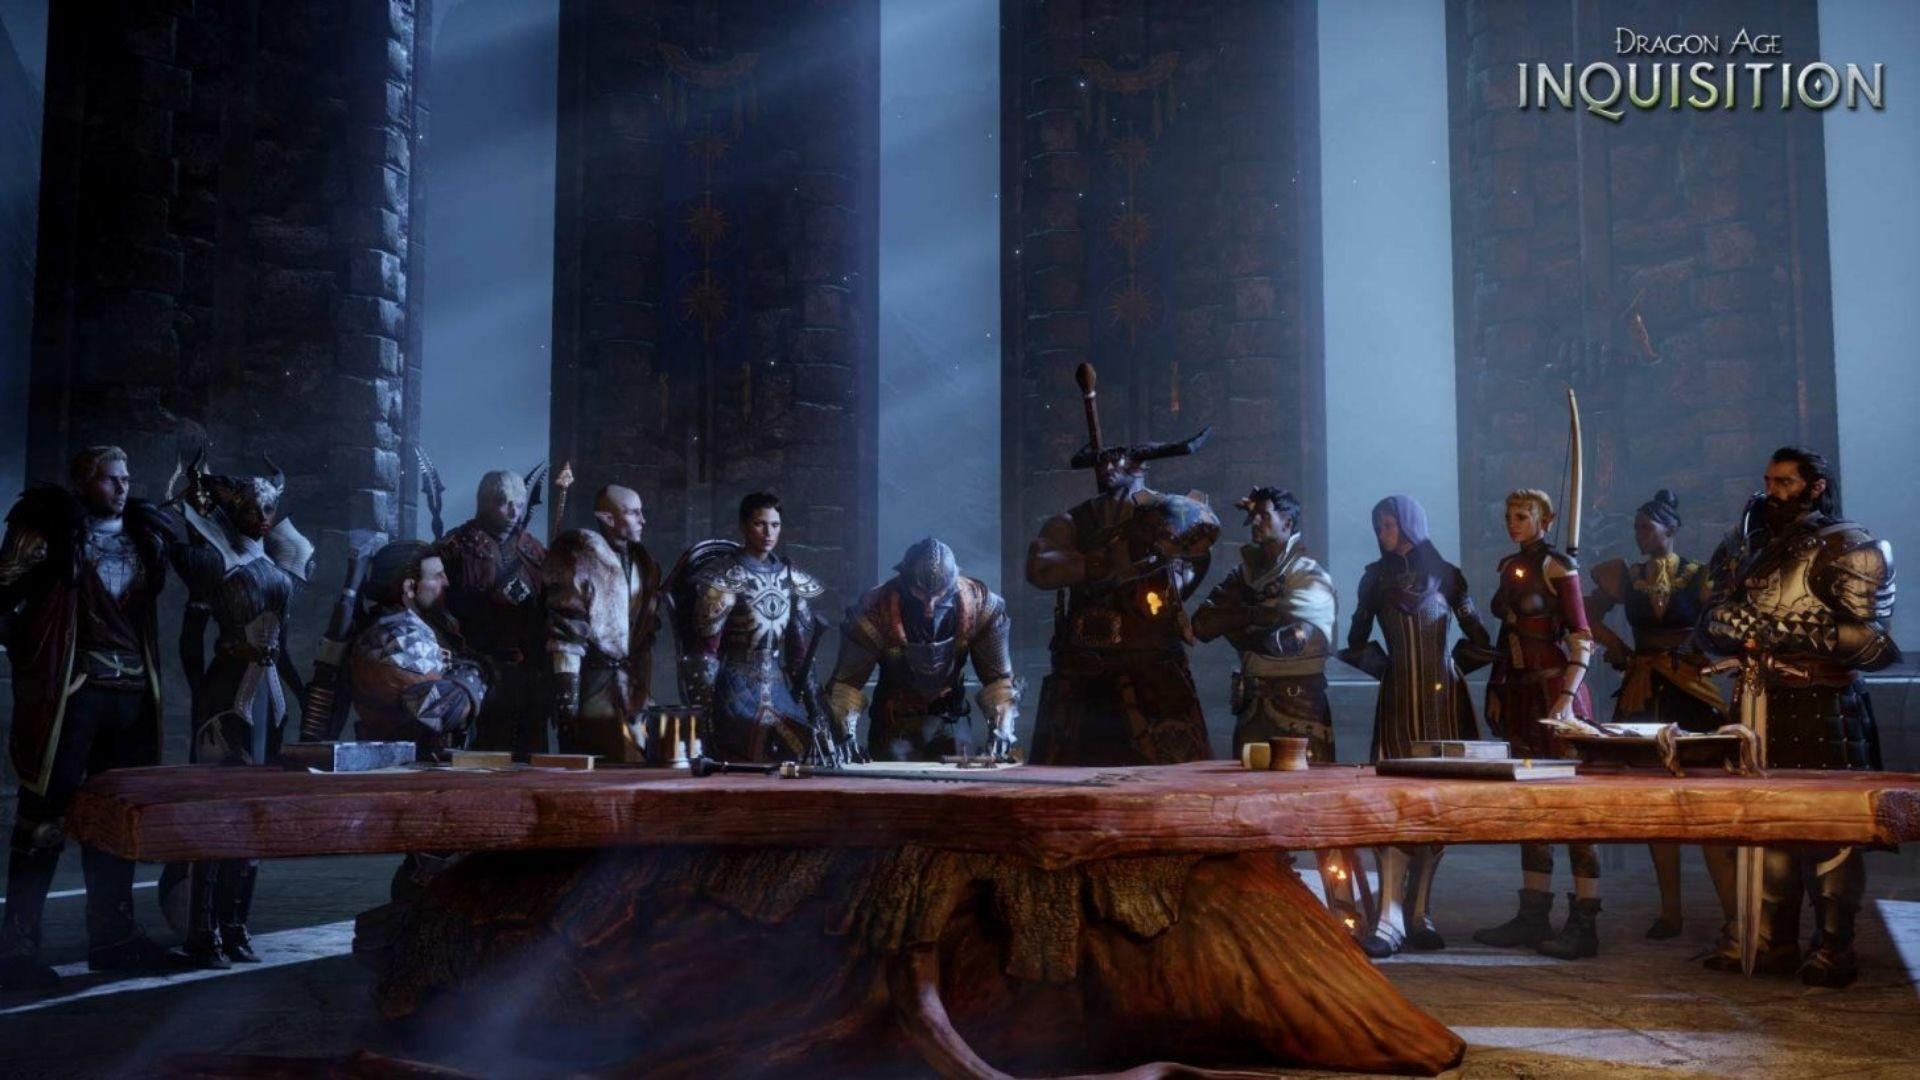 Em Dragon Age: Inquisition, o protagonista se torna líder de uma poderosa organização (Fonte: Divulgação / Bioware)